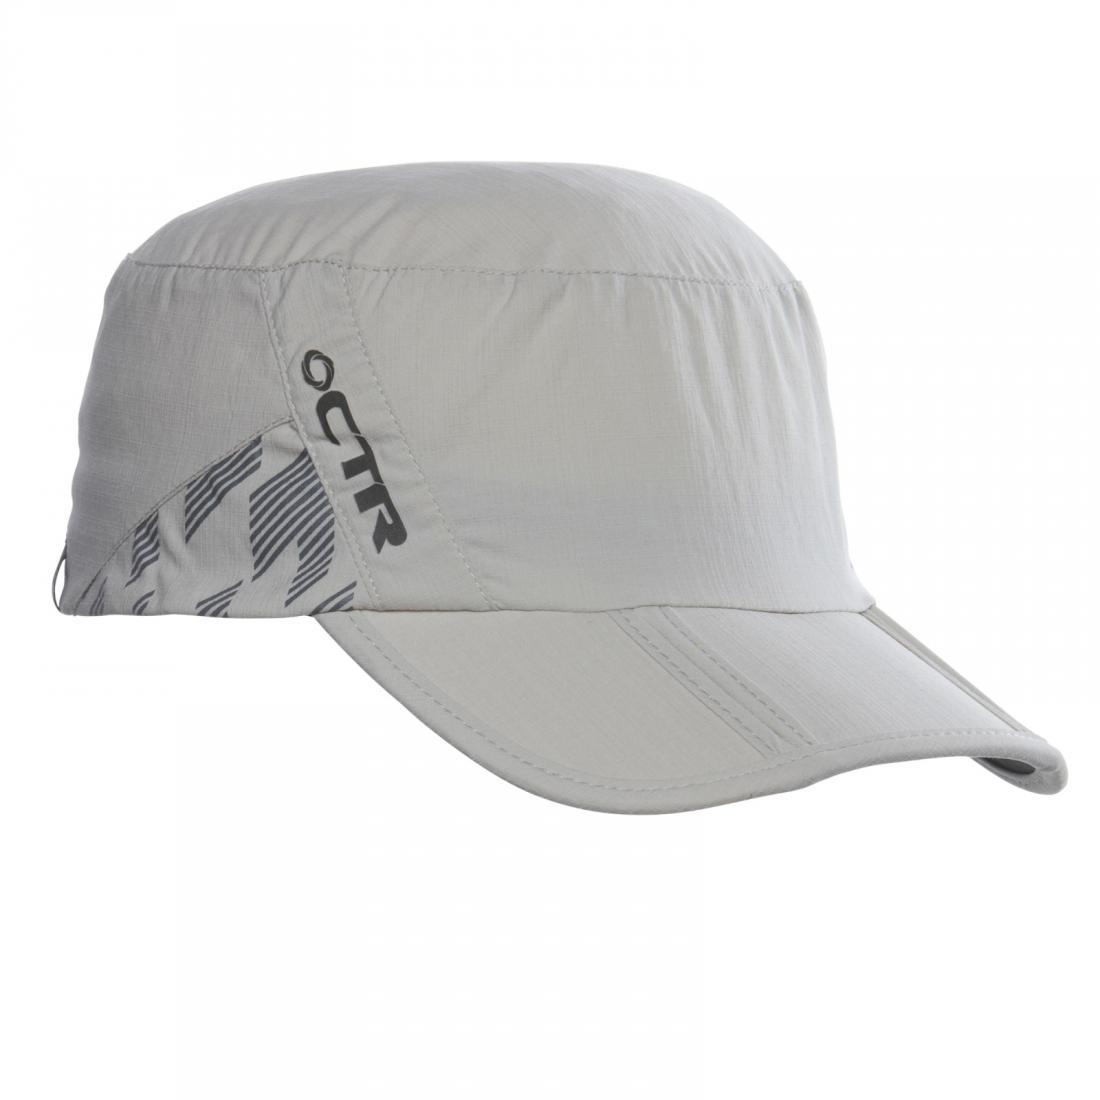 Кепка Chaos  Summit Cadet CapКепки<br><br> Chaos Summit Cadet Cap — это отличная кепка в стиле «милитари». Она идеальна для прогулок в солнечную погоду, а также занятий спортом. Качественные материалы и безупречный крой гарантируют надежность и долговечность даже при частом использовании.<br>...<br><br>Цвет: Серый<br>Размер: L-XL